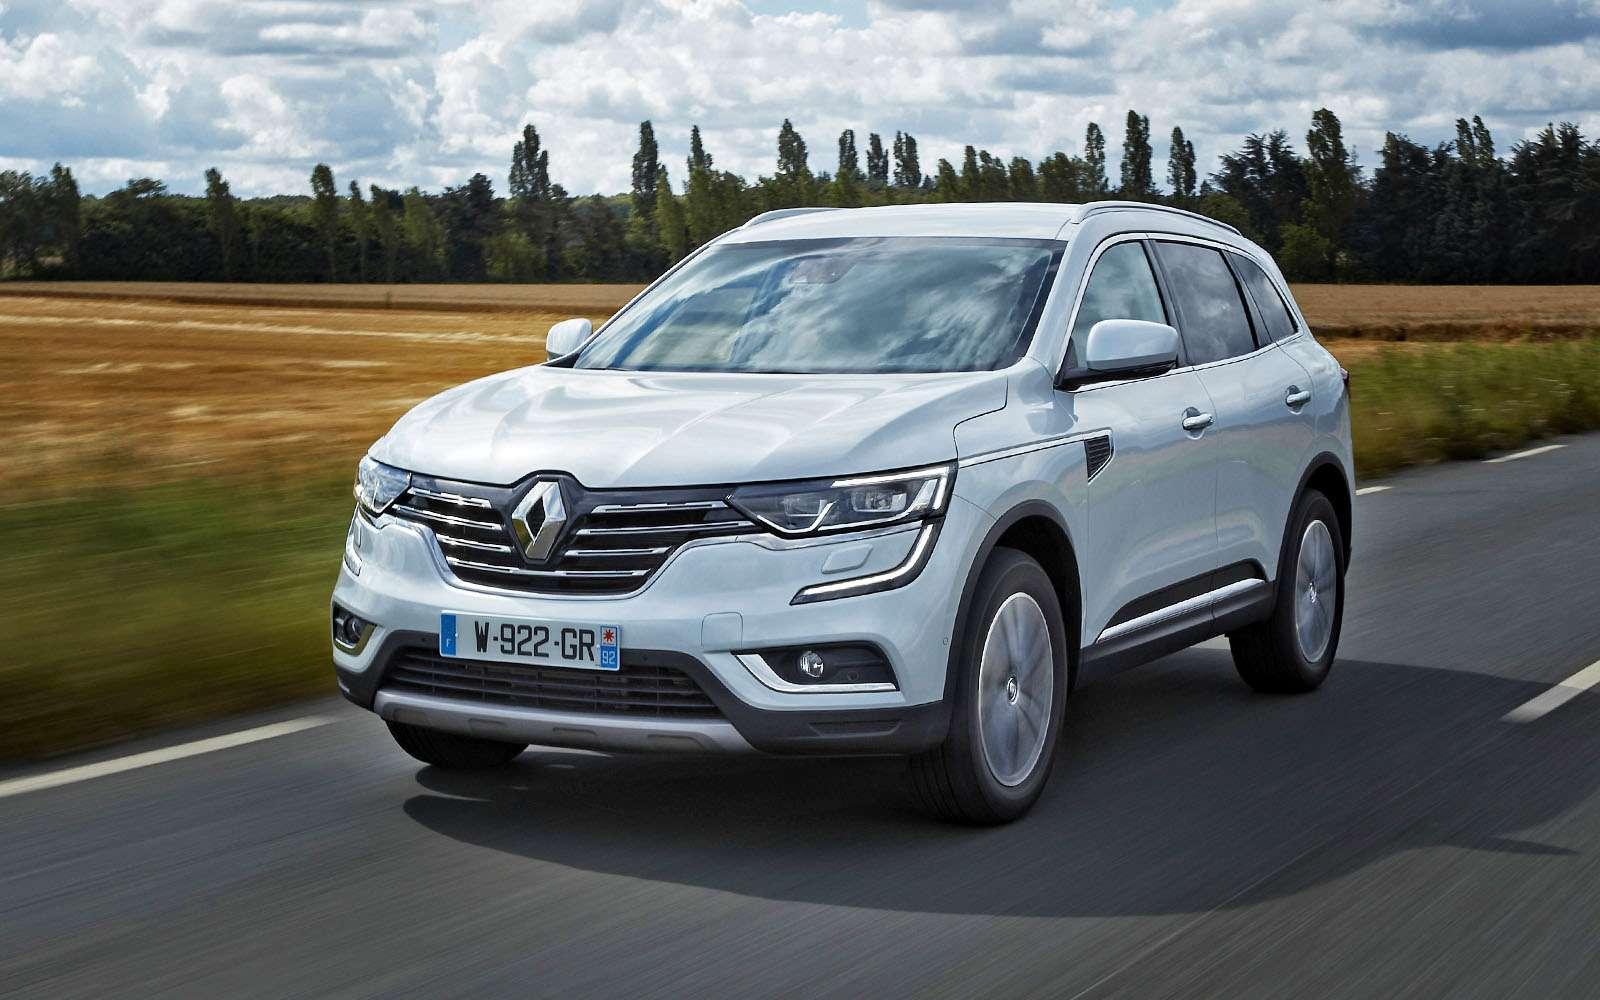 Renault Koleos второго поколения отлично выглядит иприятно едет